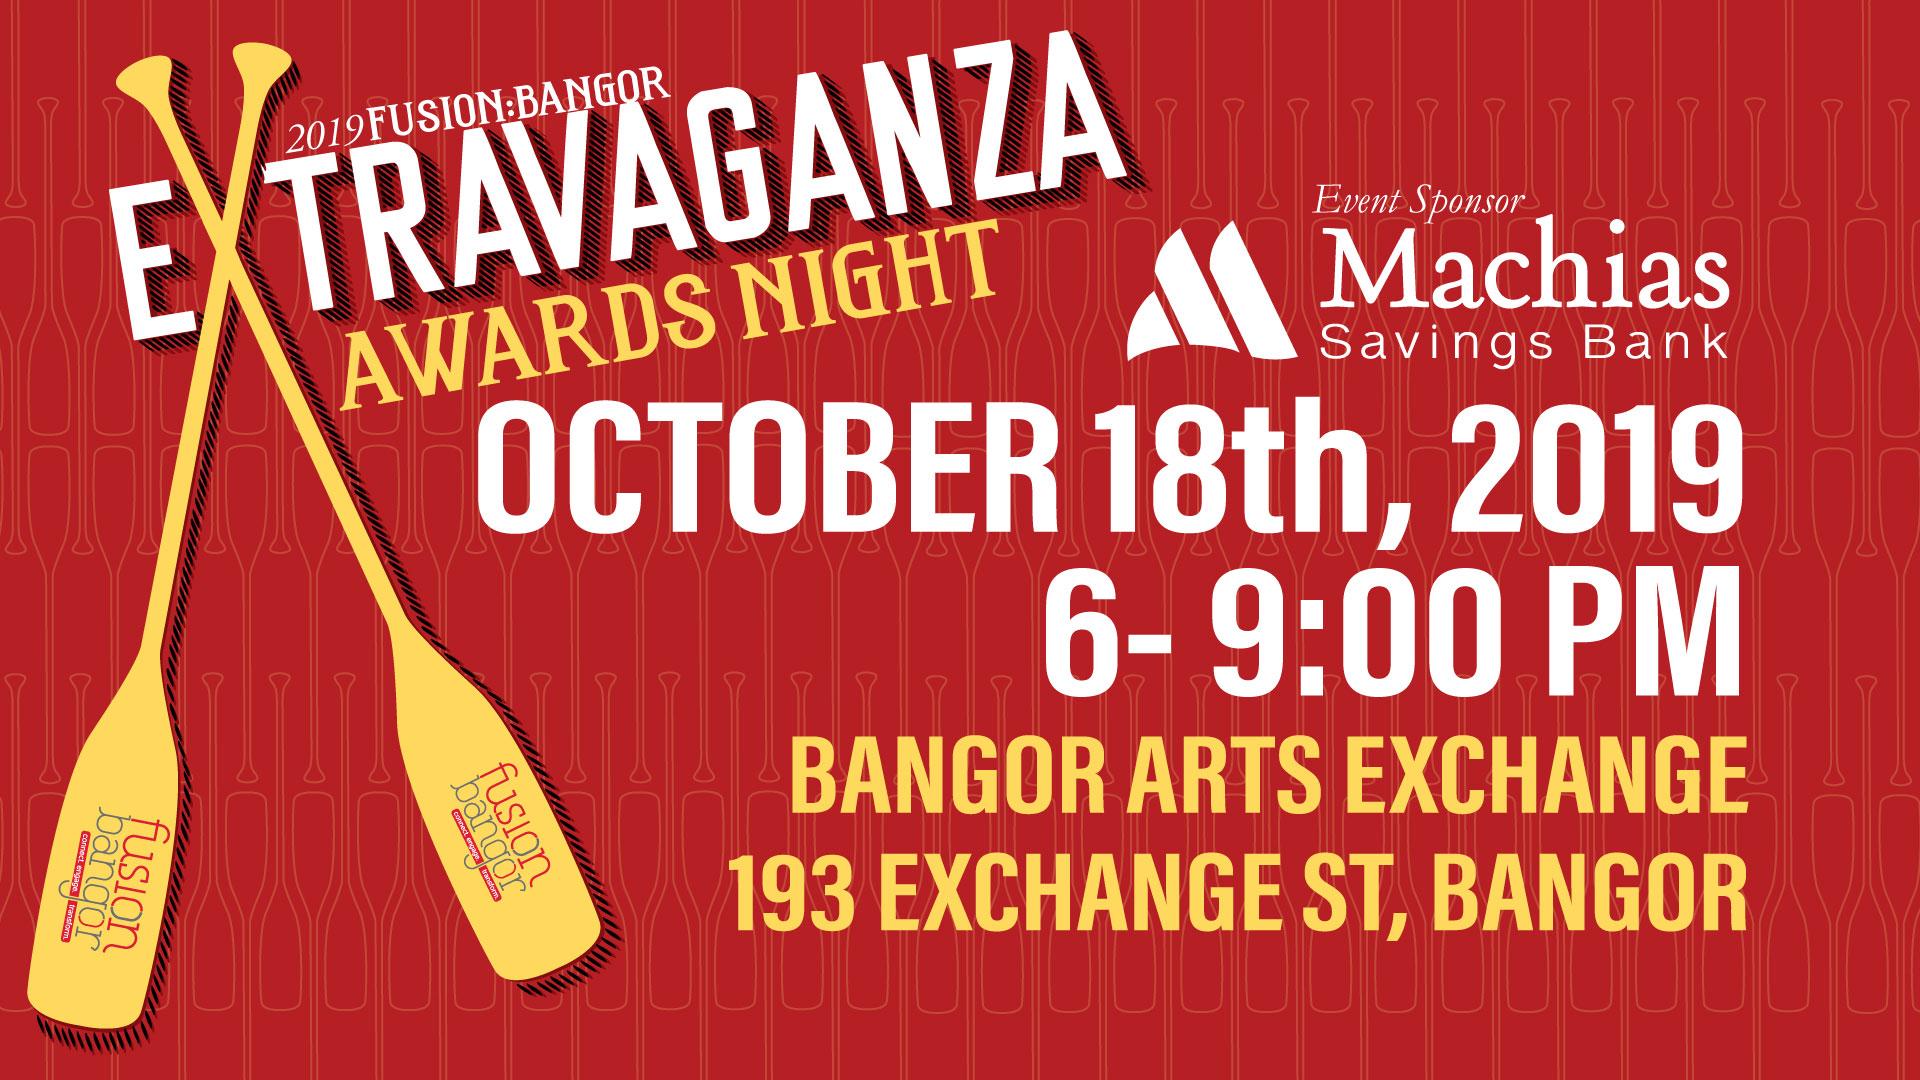 Upcoming FUSION Events — FUSION:Bangor